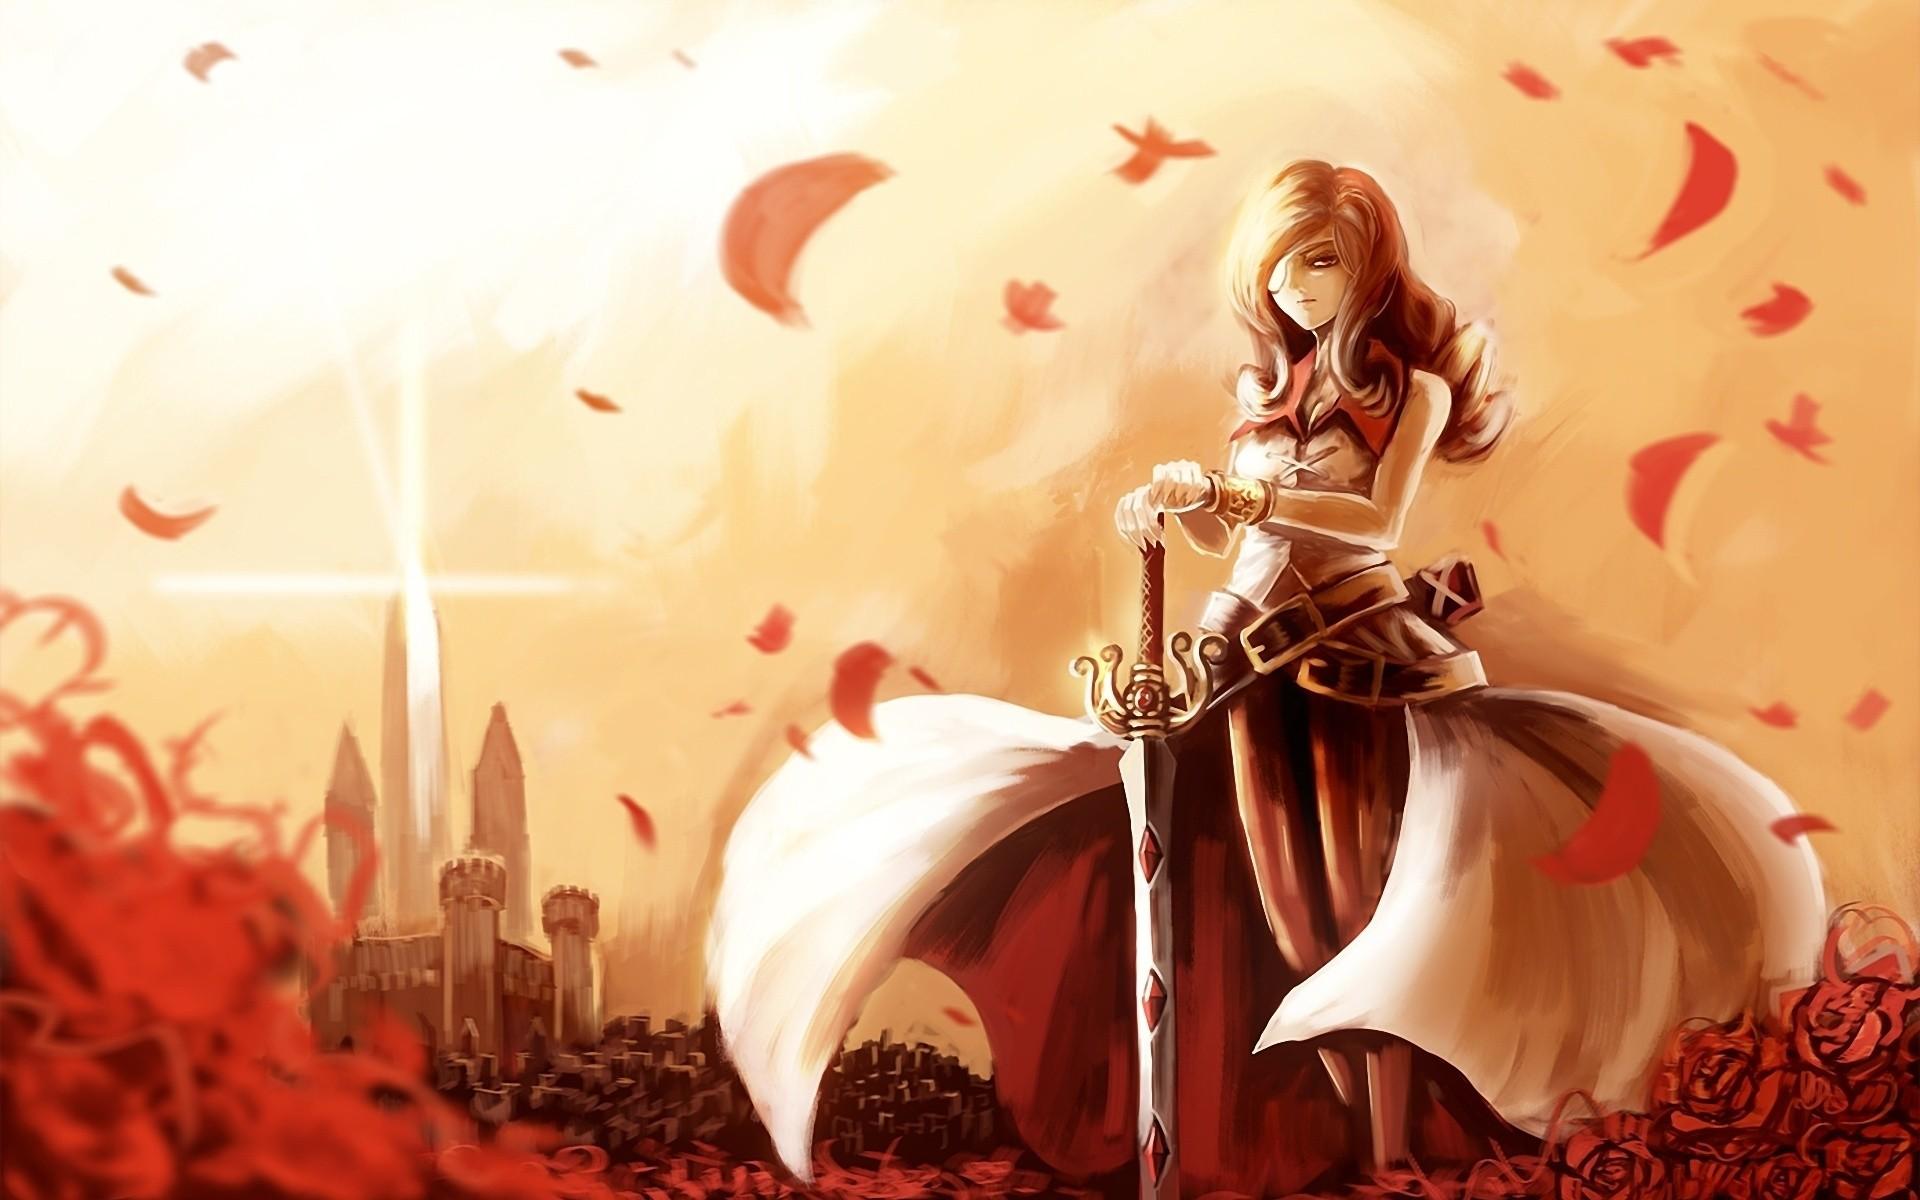 PreviousNext. Previous Image Next Image. warrior girl anime …